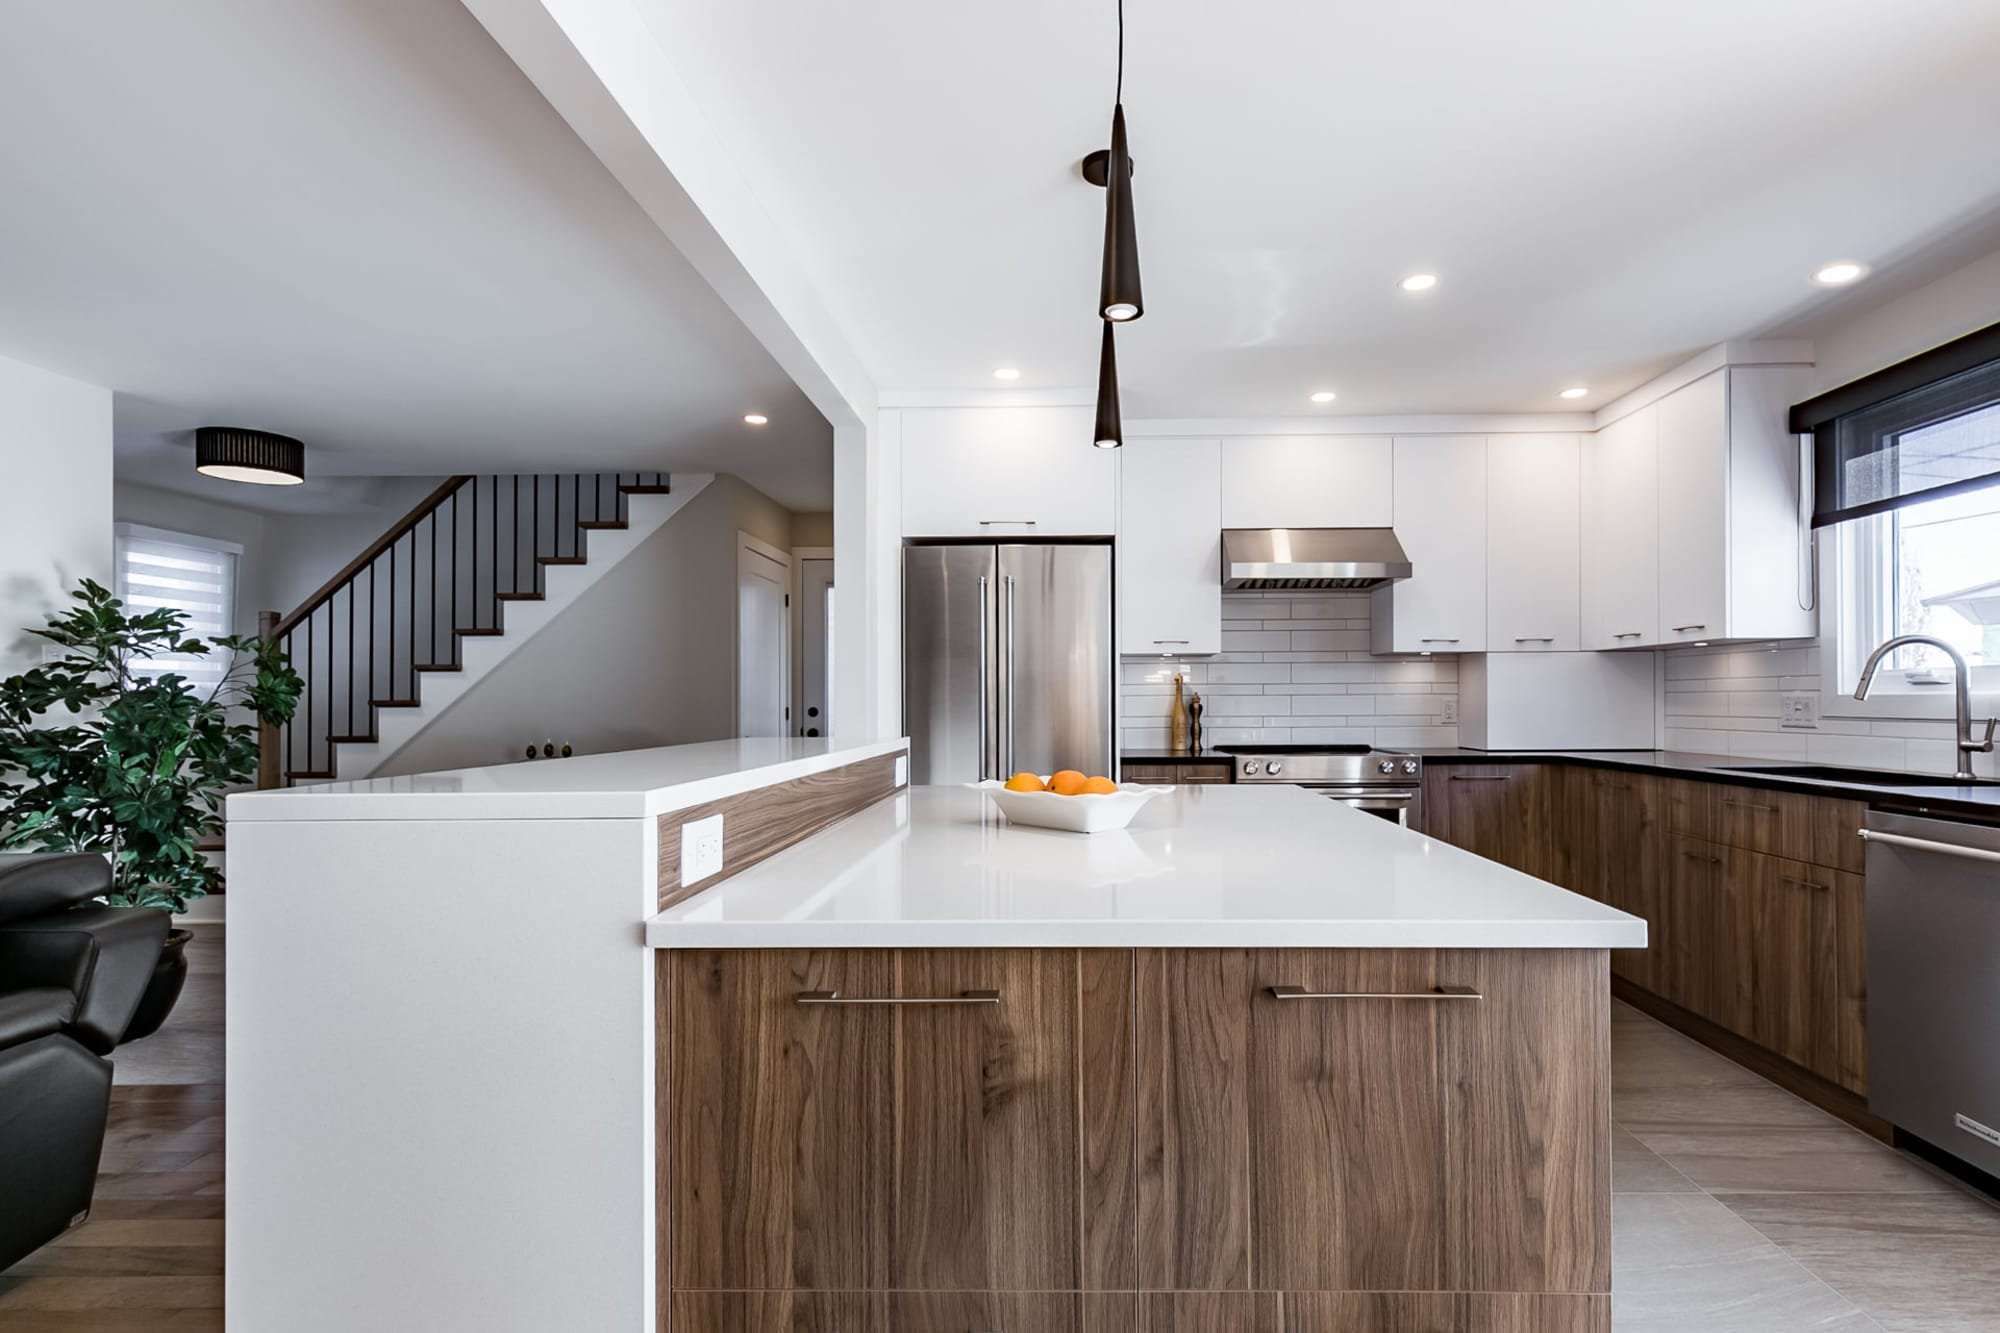 cuisine rénovée au design moderne avec vue sur le salon